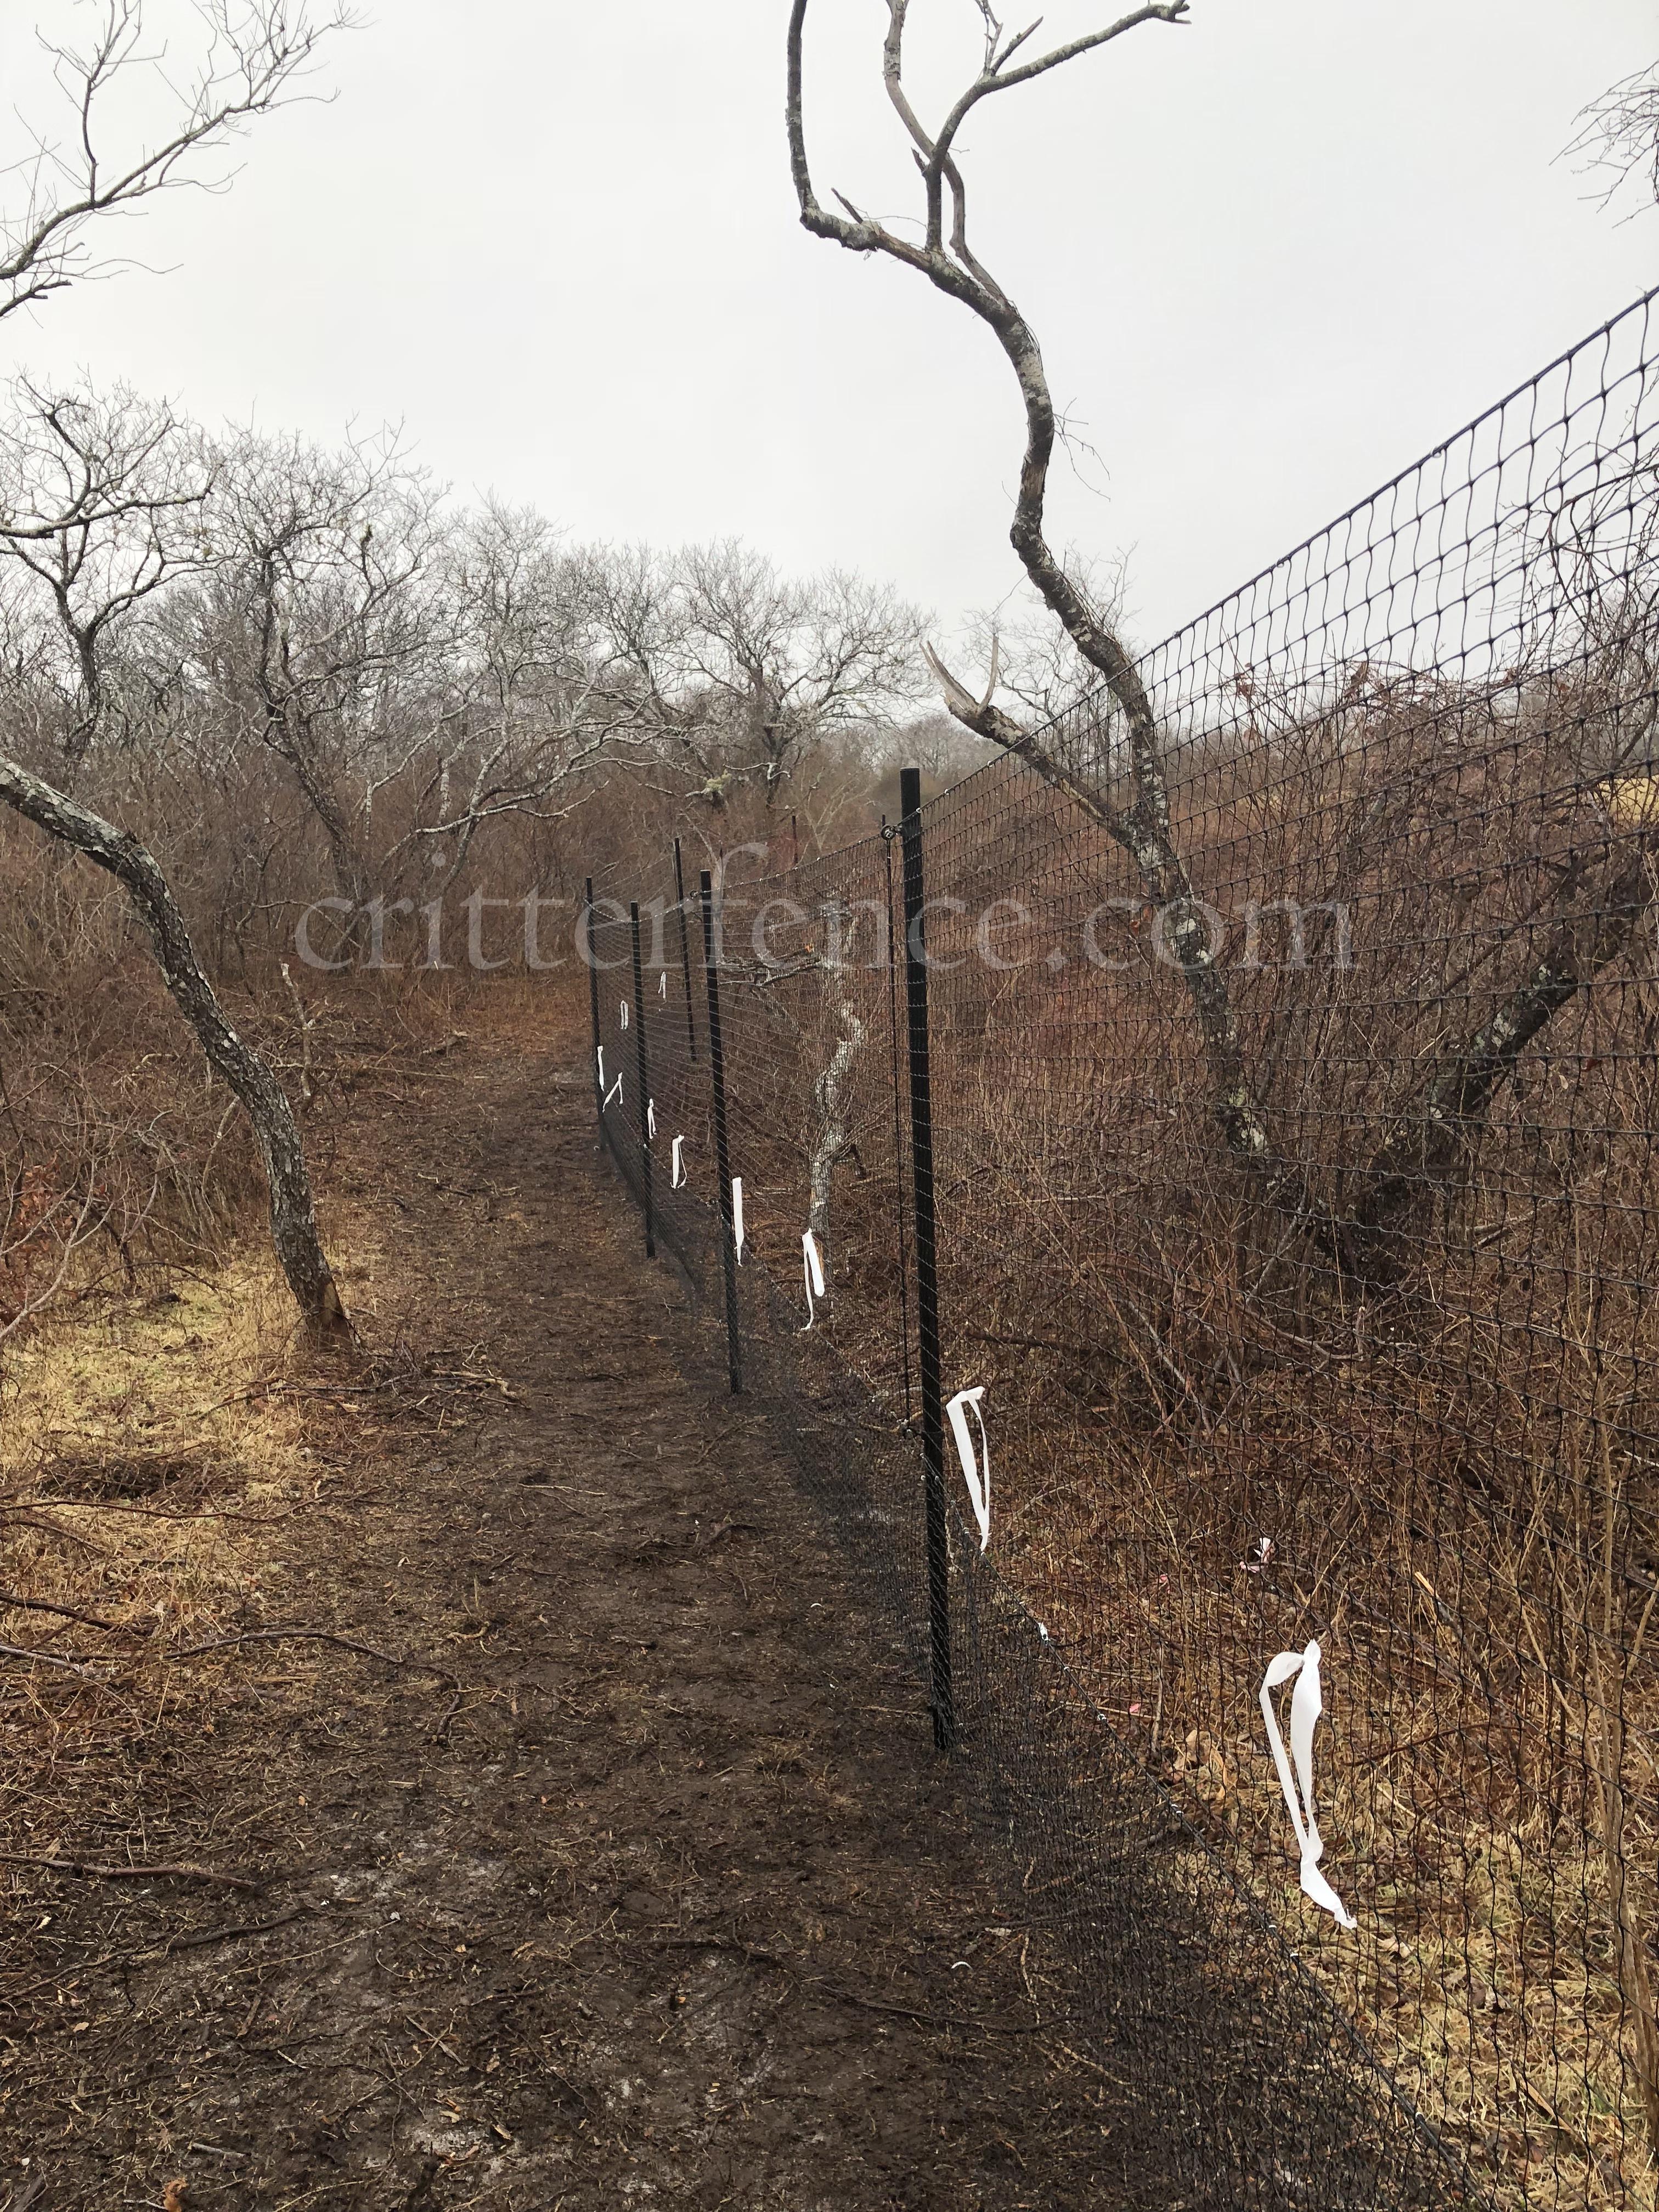 Nantucket Deer Fence